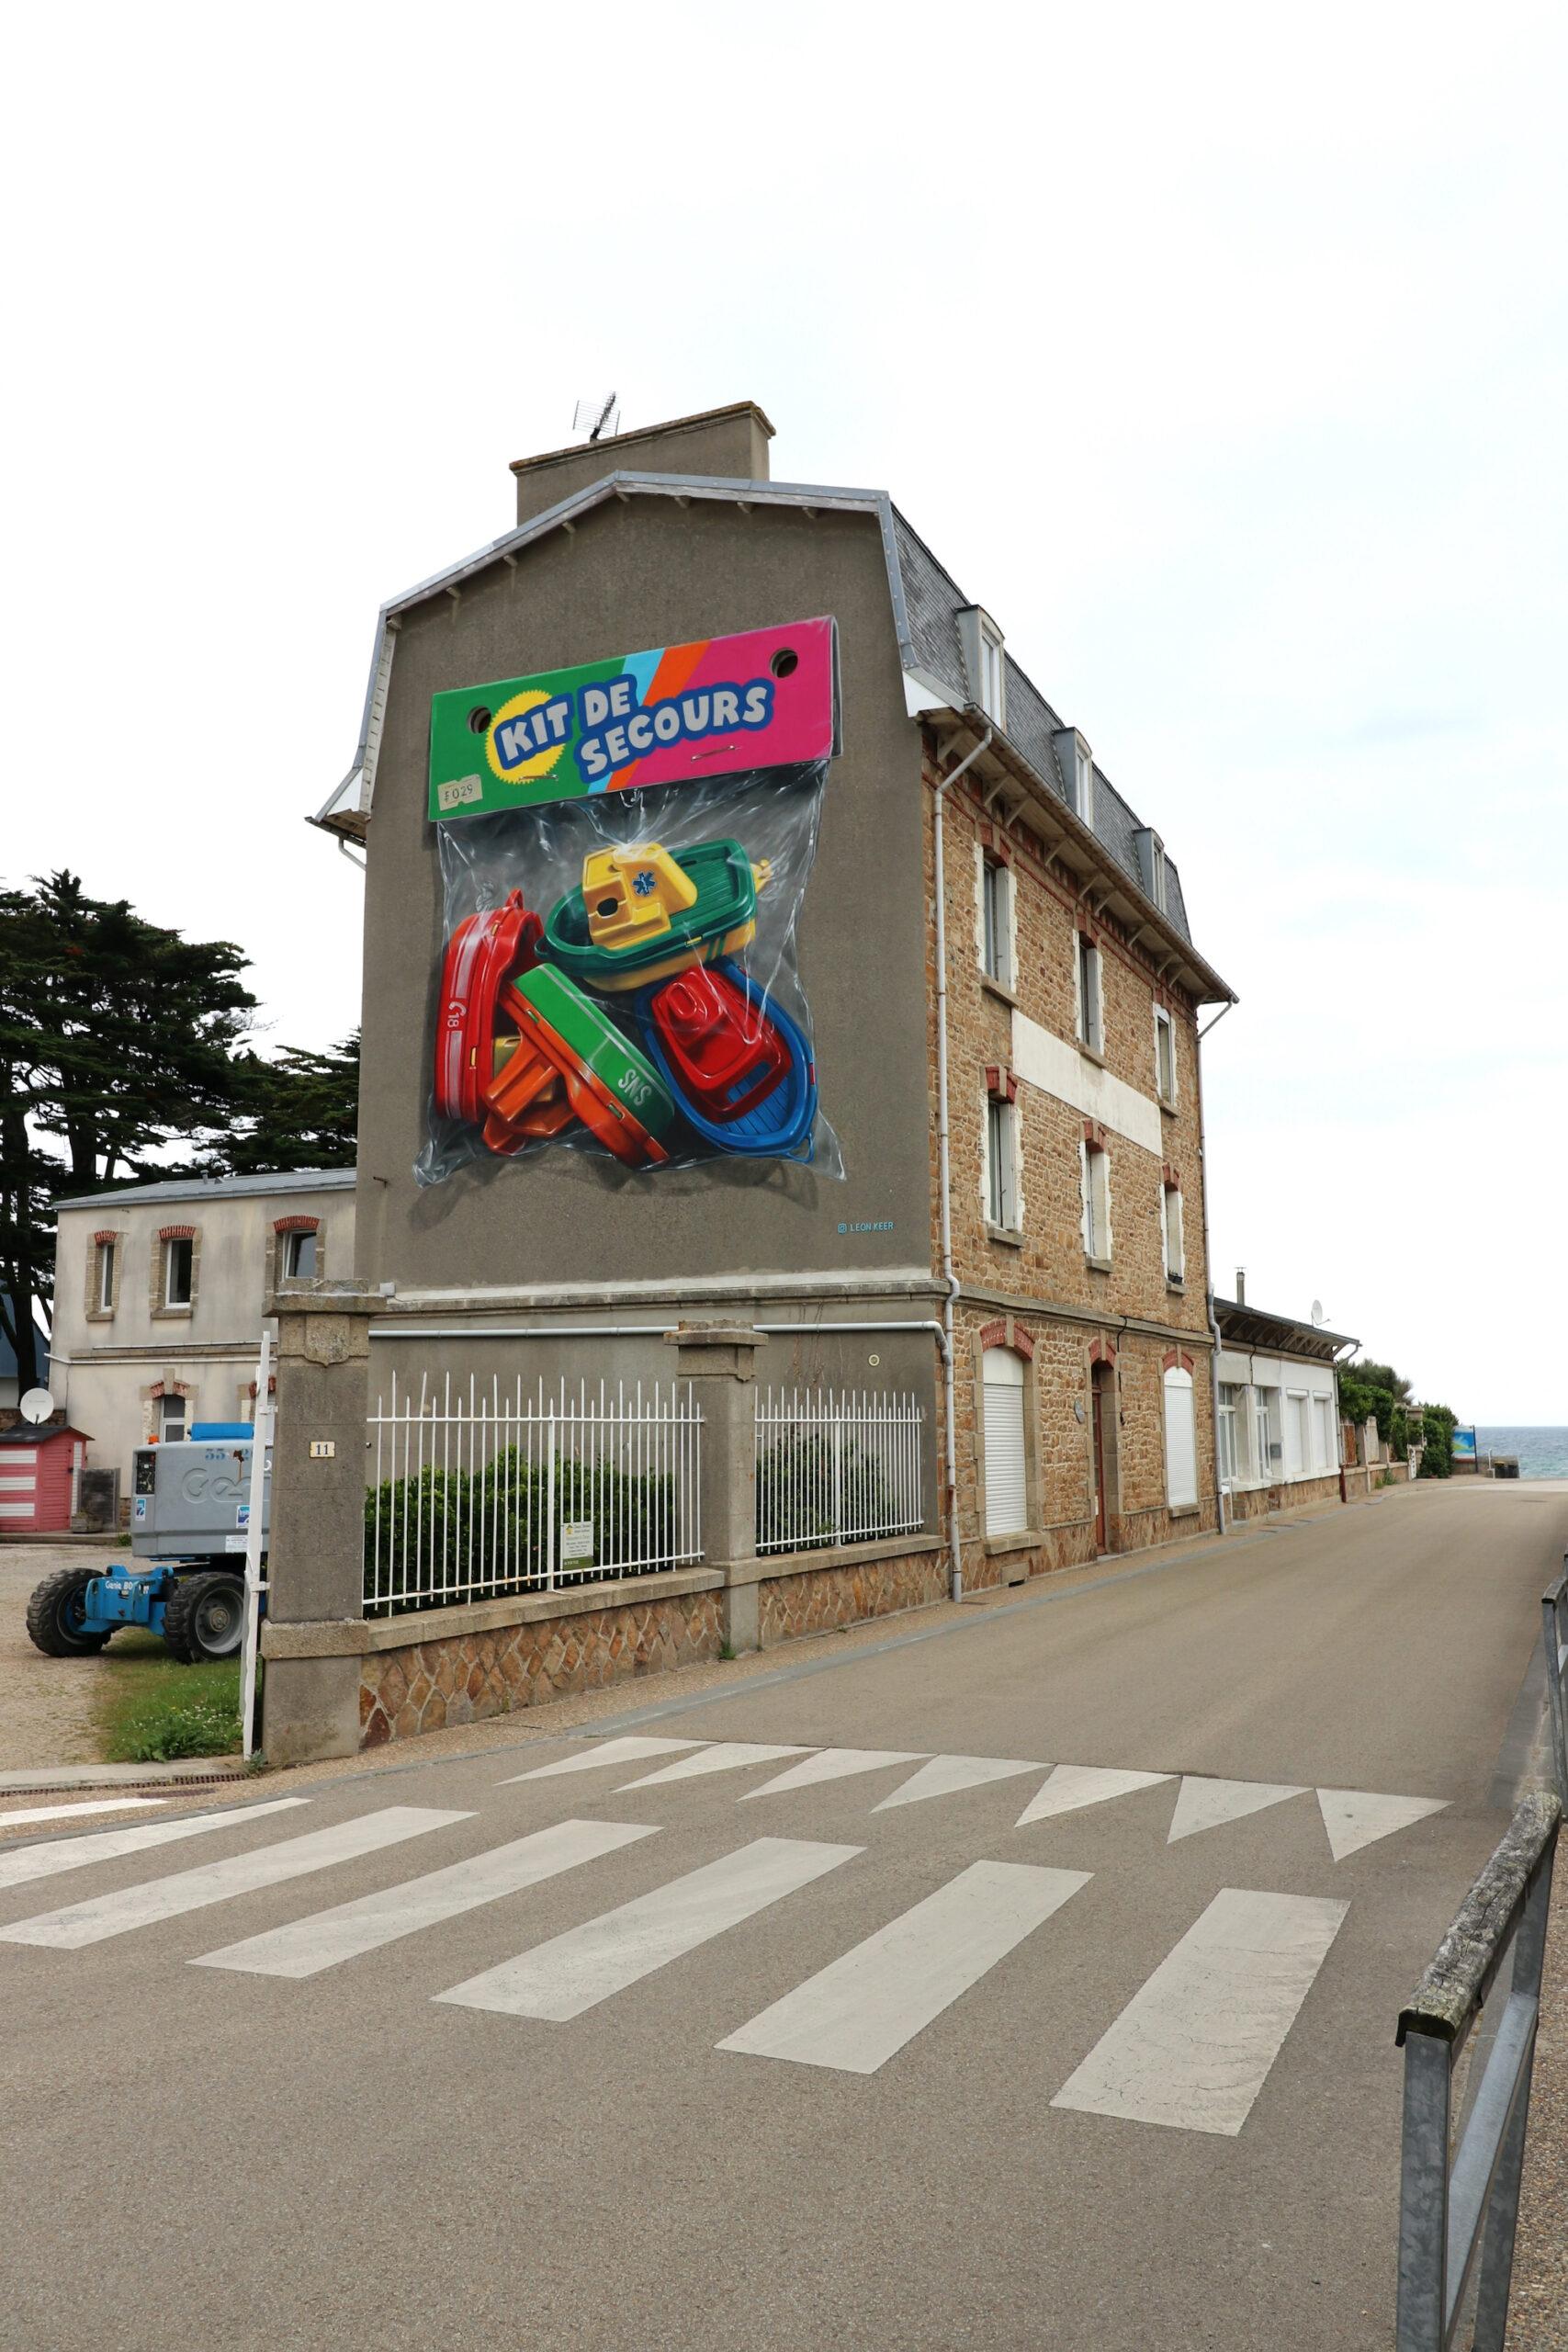 """""""Kit de Secours"""" by Leon Keer in Plougasnou, France"""